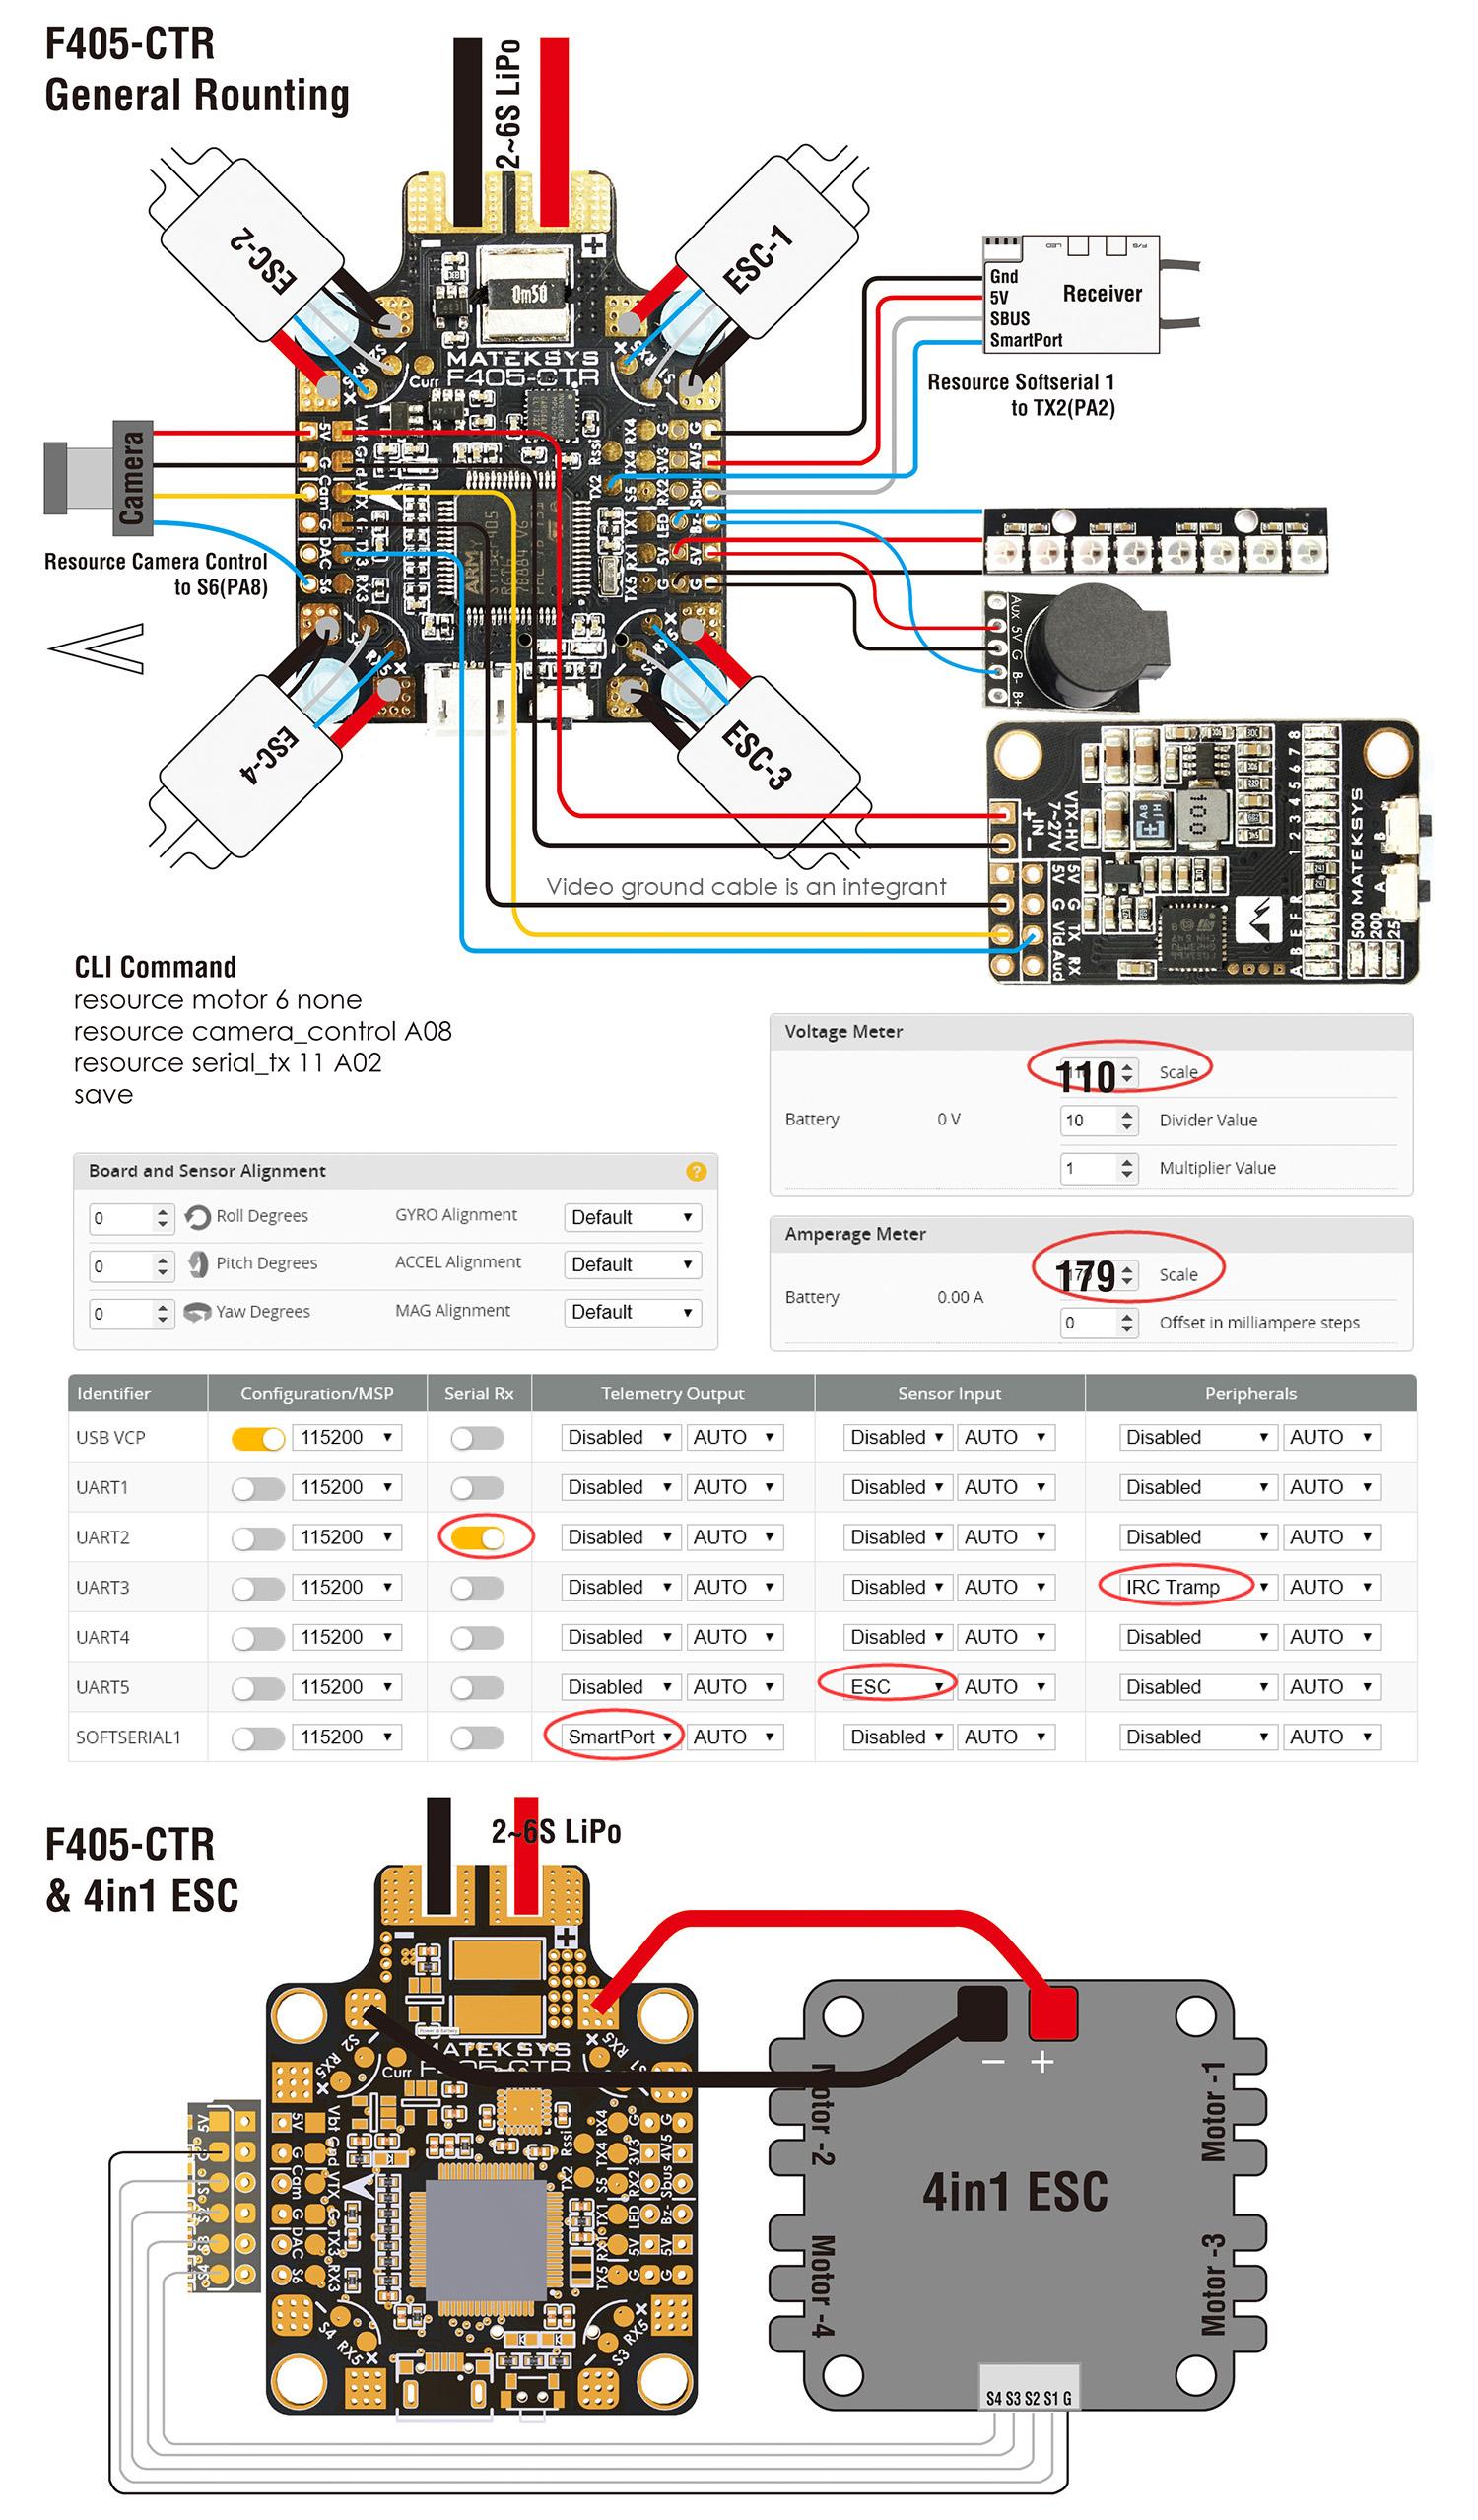 Matek F405-CTR Wiring